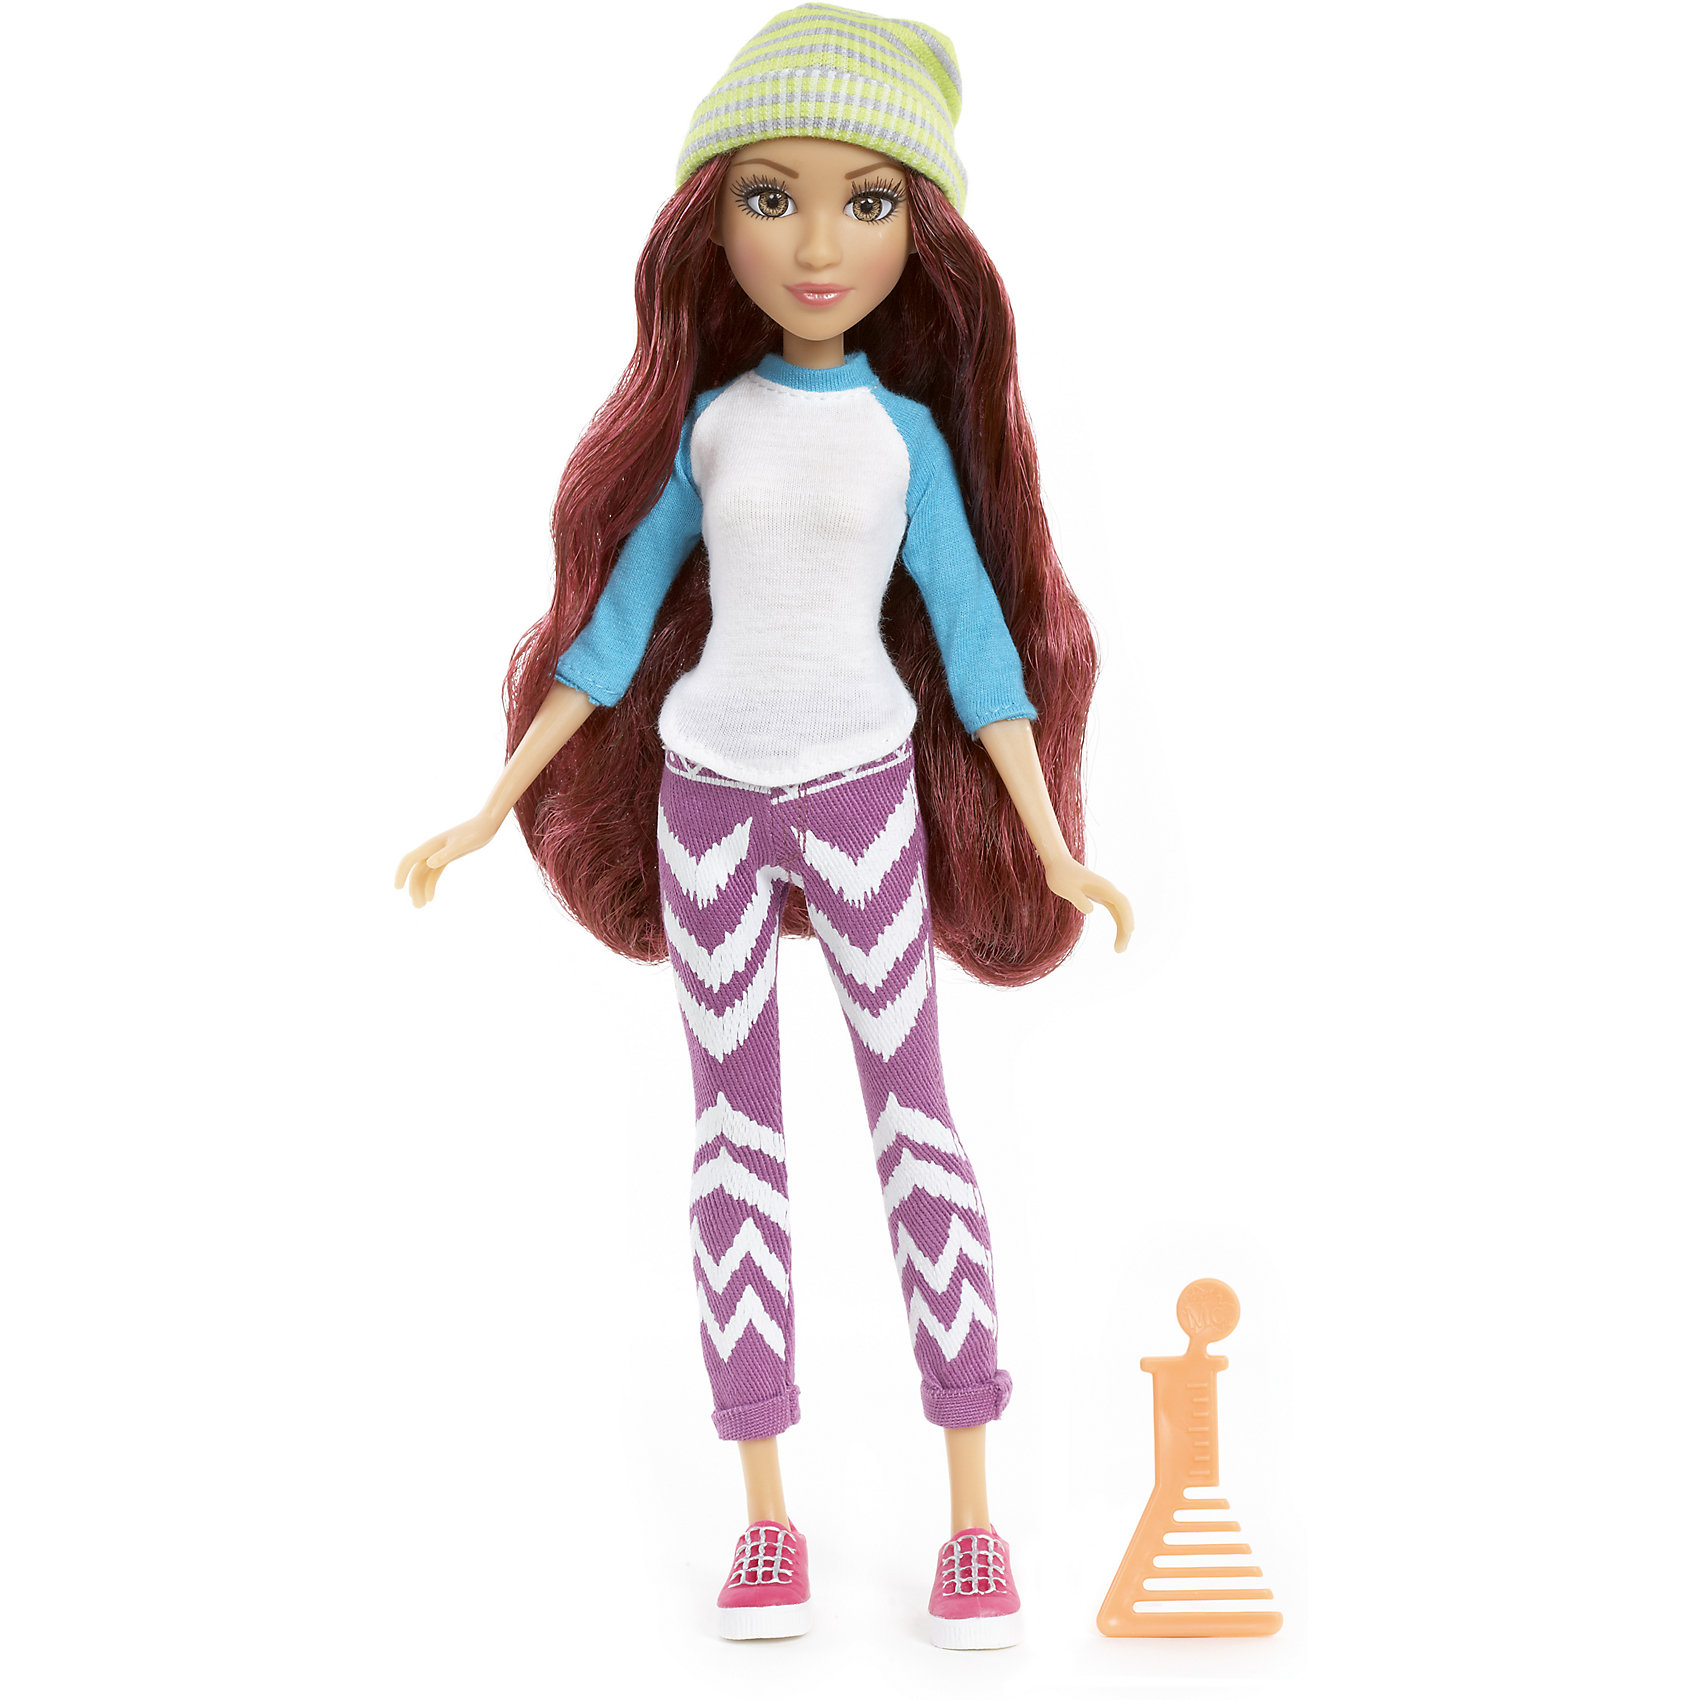 Базовая кукла Камрин, Project MС2Бренды кукол<br>Базовая кукла Камрин, Project MС2 (Проджект МСи2).<br><br>Характеристики:<br><br>• Размер куклы - 30 см.<br>• Вес: 0,2 кг.<br>• В комплекте: кукла, расческа.<br>• Материал: пластик, текстиль.<br>• Подвижные суставы: бедра, плечи, шея.<br><br>Кукла Камрин – это героиня популярного сериала «Project MС2»,девизом которого является «Быть умной – модно!». Куколка  одета в стильный повседневный наряд. На ней джемпер с с длинными голубыми рукавами и лосины с ярким принтом. Законченный вид образу придают розовые ботиночки и шапочка салатового оттенка. Длинные реснички, очень «живые» глазки и выразительные черты лица – придают кукле реалистичный вид. Роскошные, вьющиеся рыжие волосы ваша девочка сможет расчесывать и укладывать в затейливые прически. Такая куколка станет желанным подарком для вашей девочки!<br><br>Базовую куклу Камрин, Project MС2, можно купить в нашем интернет – магазине.<br><br>Ширина мм: 180<br>Глубина мм: 330<br>Высота мм: 70<br>Вес г: 355<br>Возраст от месяцев: 72<br>Возраст до месяцев: 2147483647<br>Пол: Женский<br>Возраст: Детский<br>SKU: 5163448